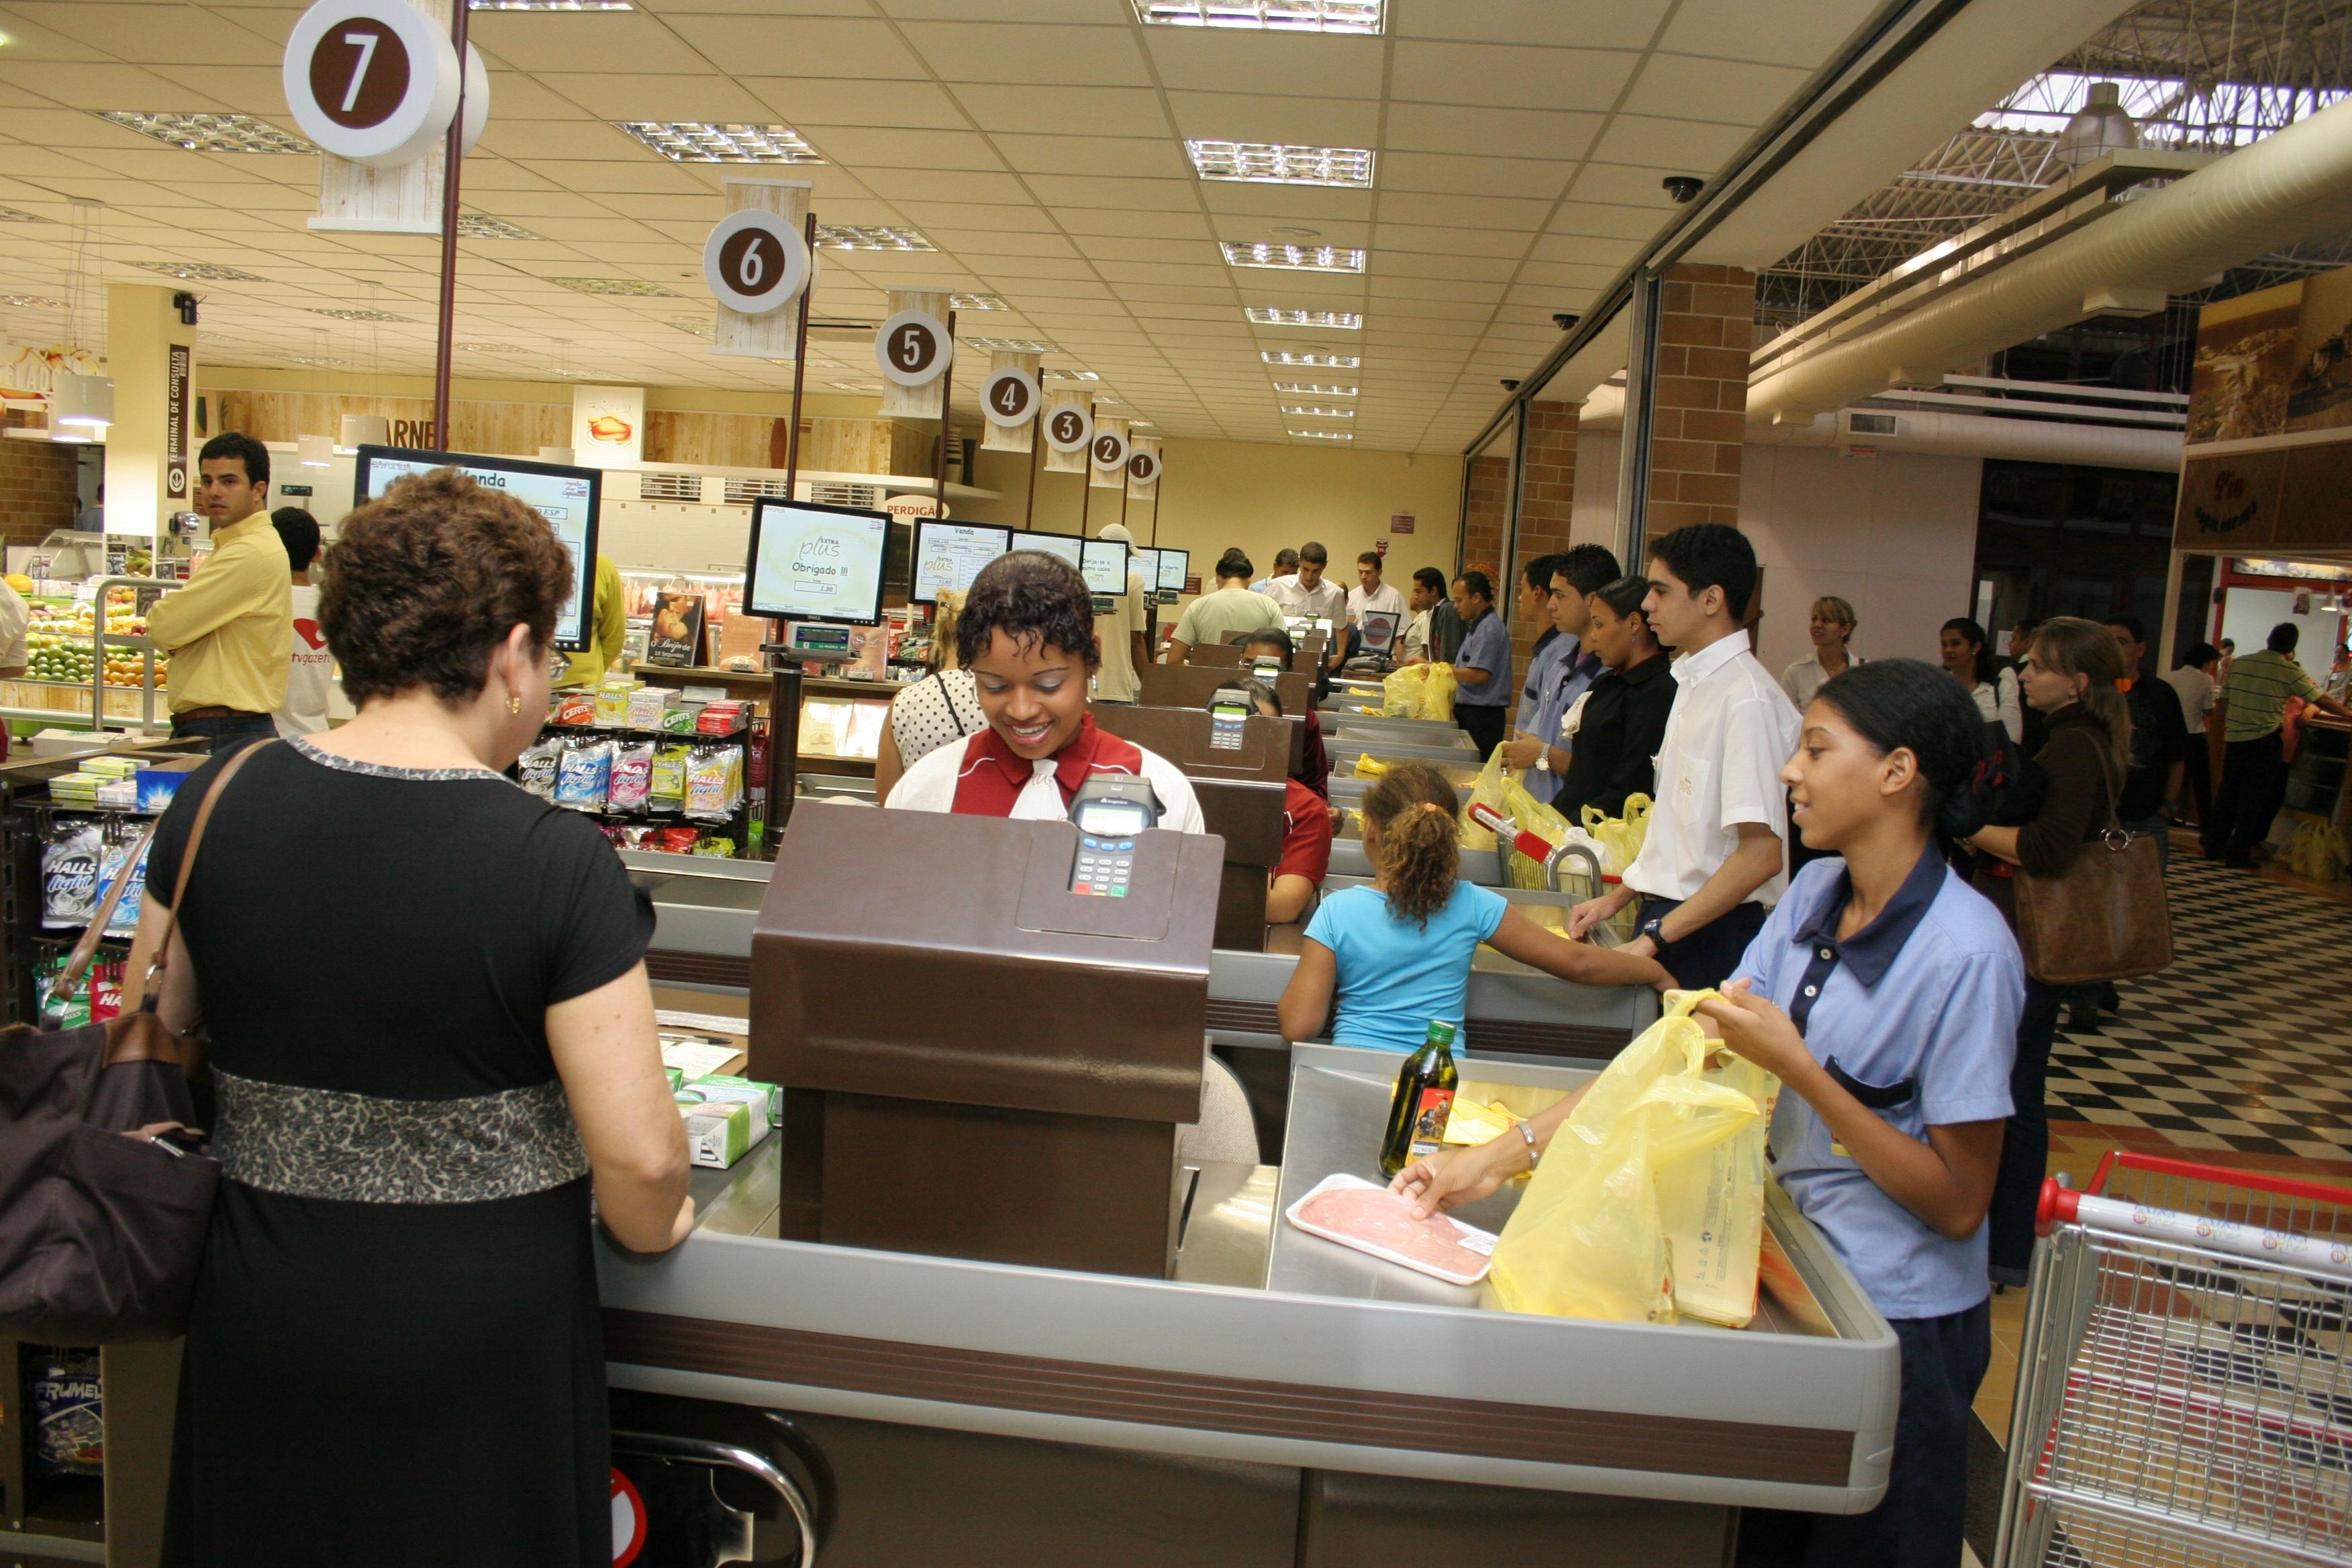 Supermercados abertos no domingo de Carnaval. Veja o que ...